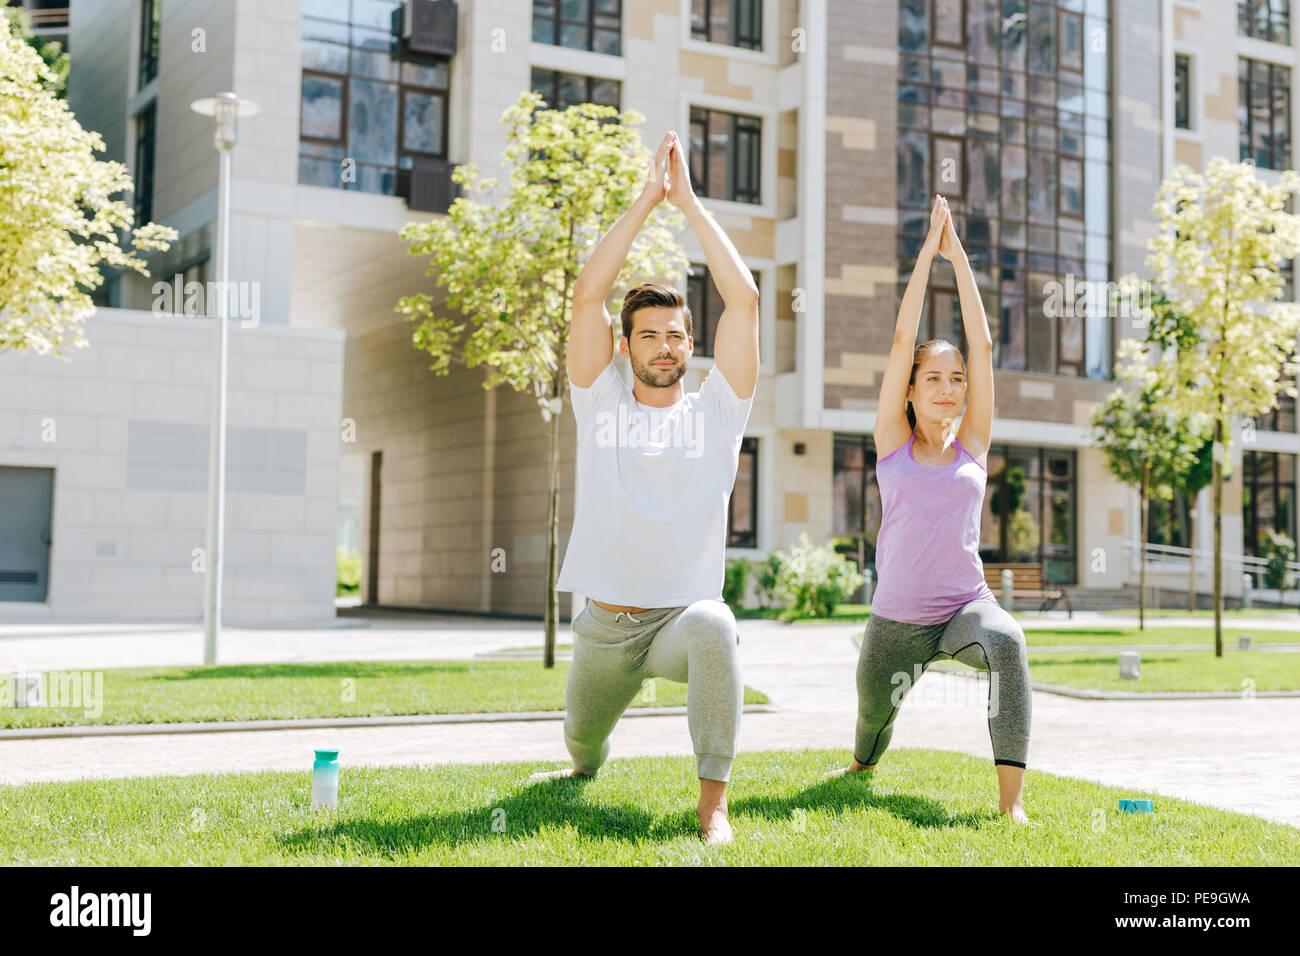 Joyful sporty people doing sport exercises - Stock Image